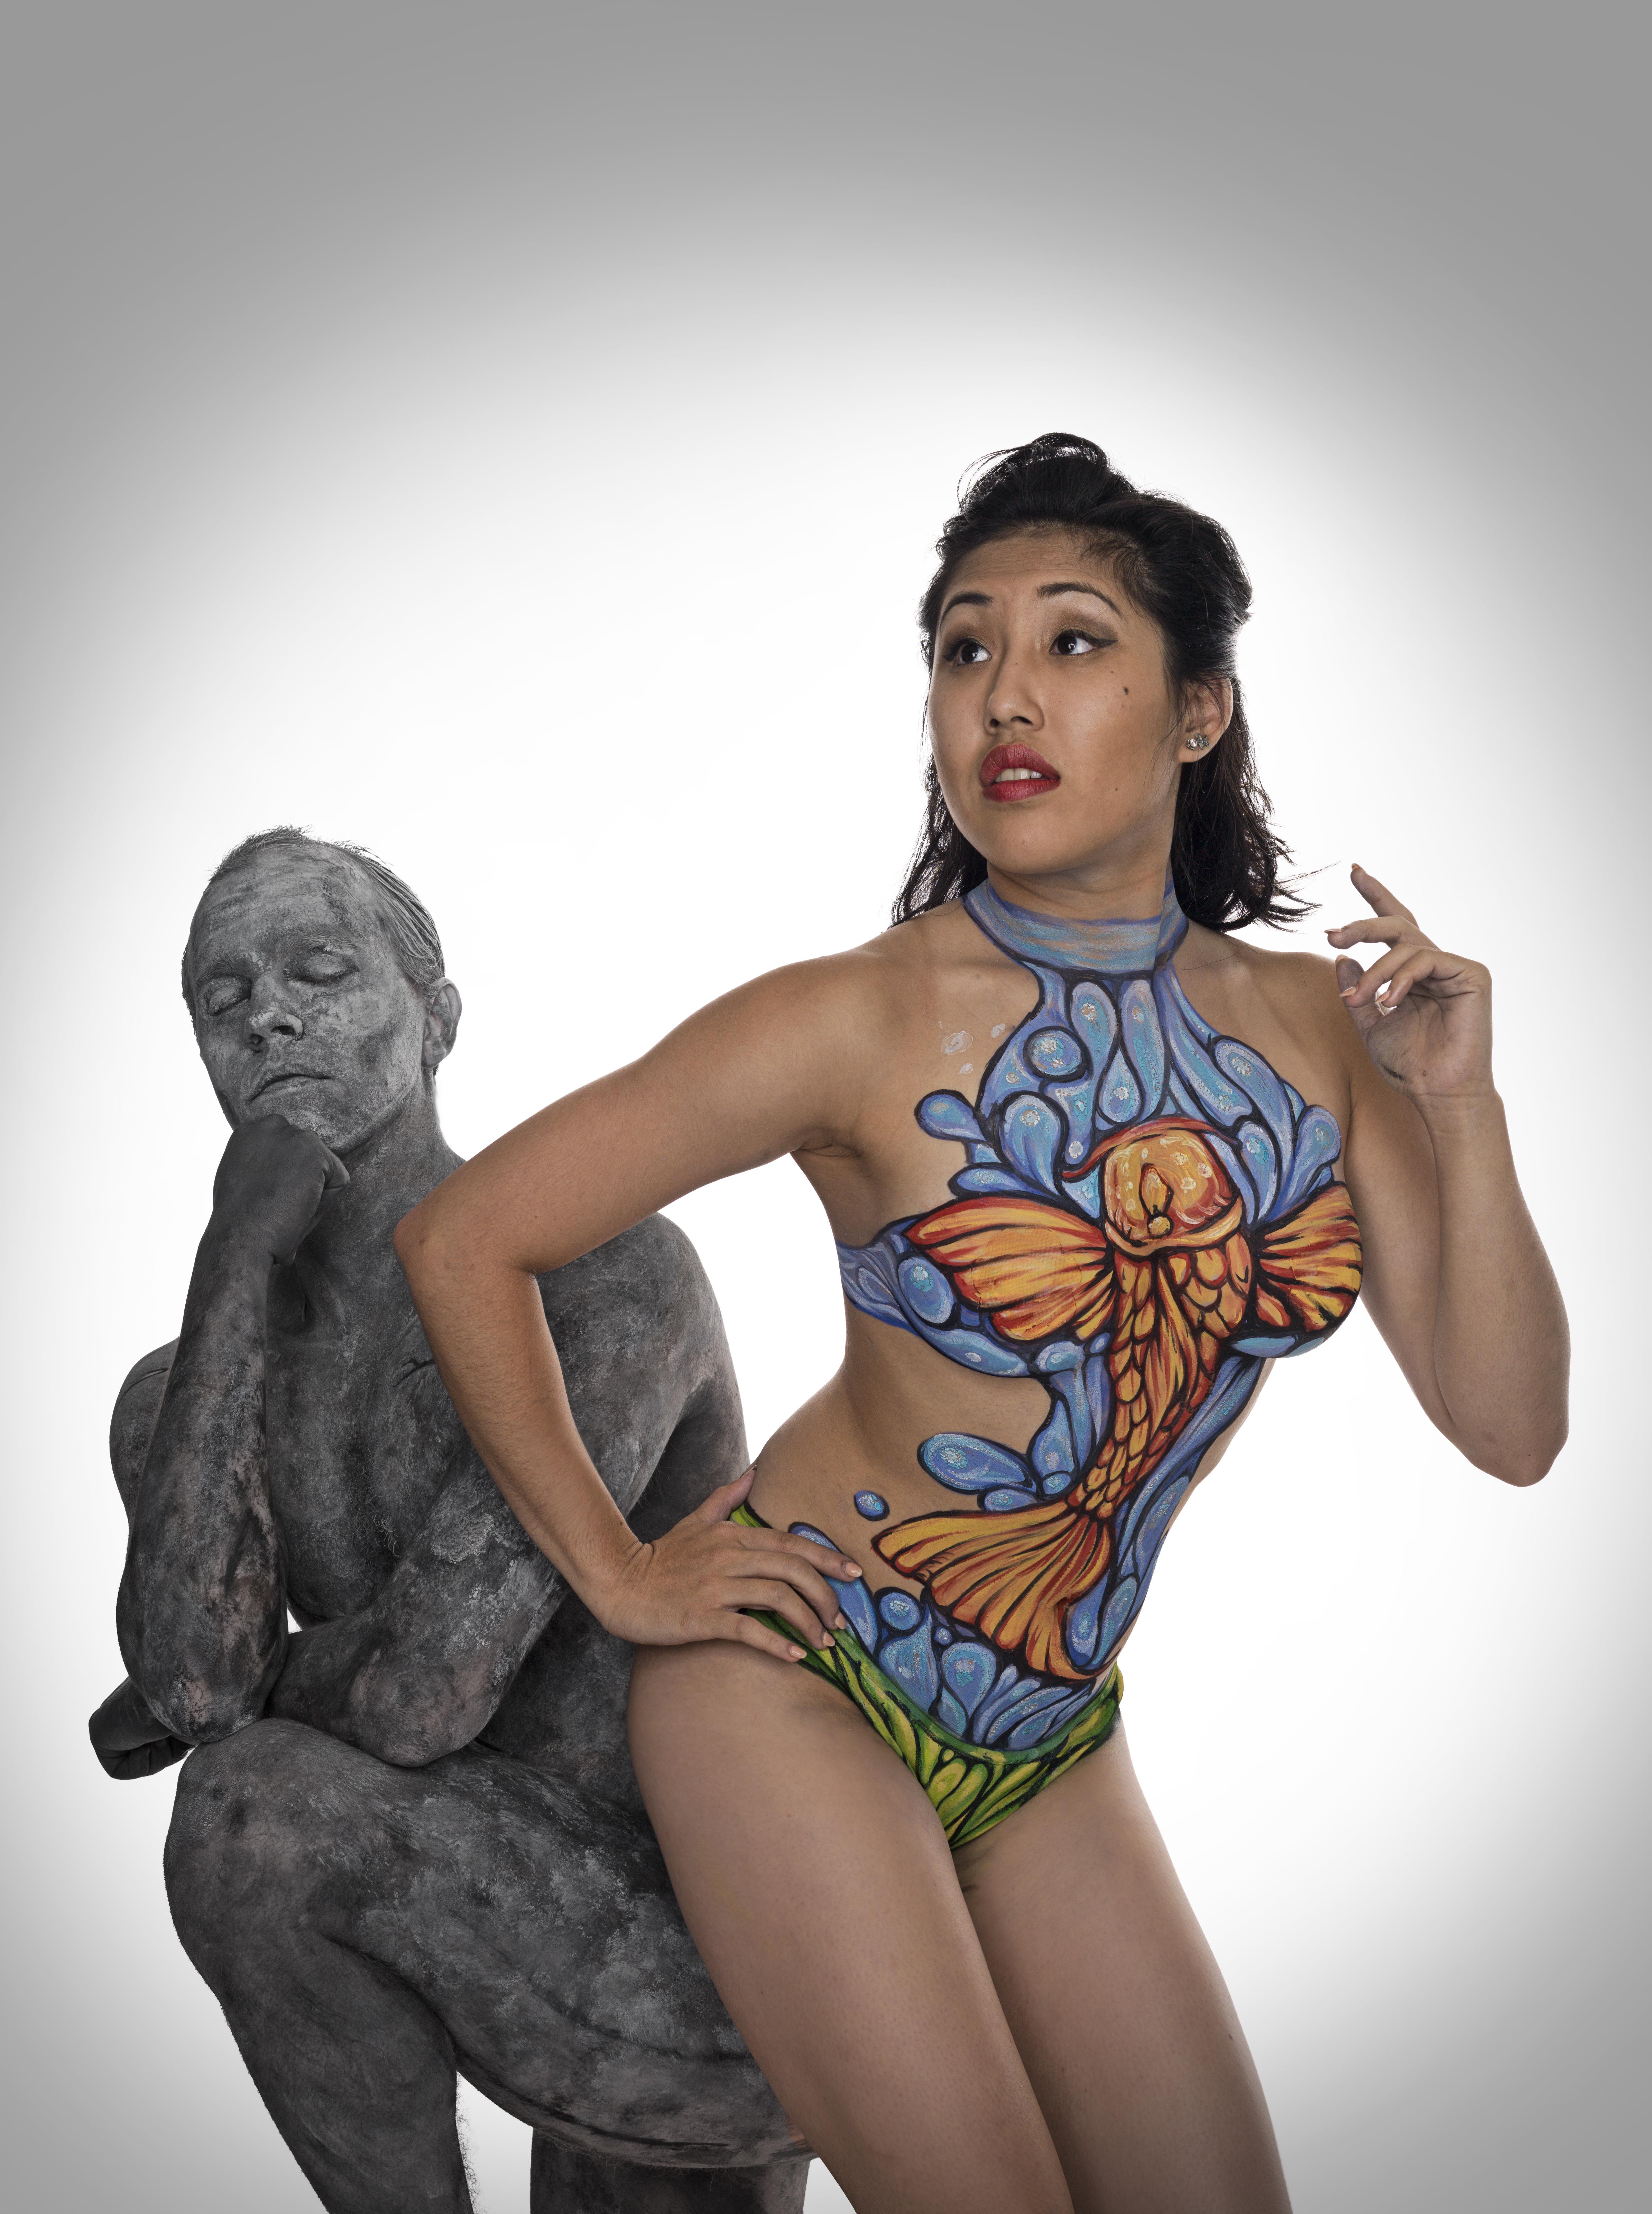 bodypaint swimsuit